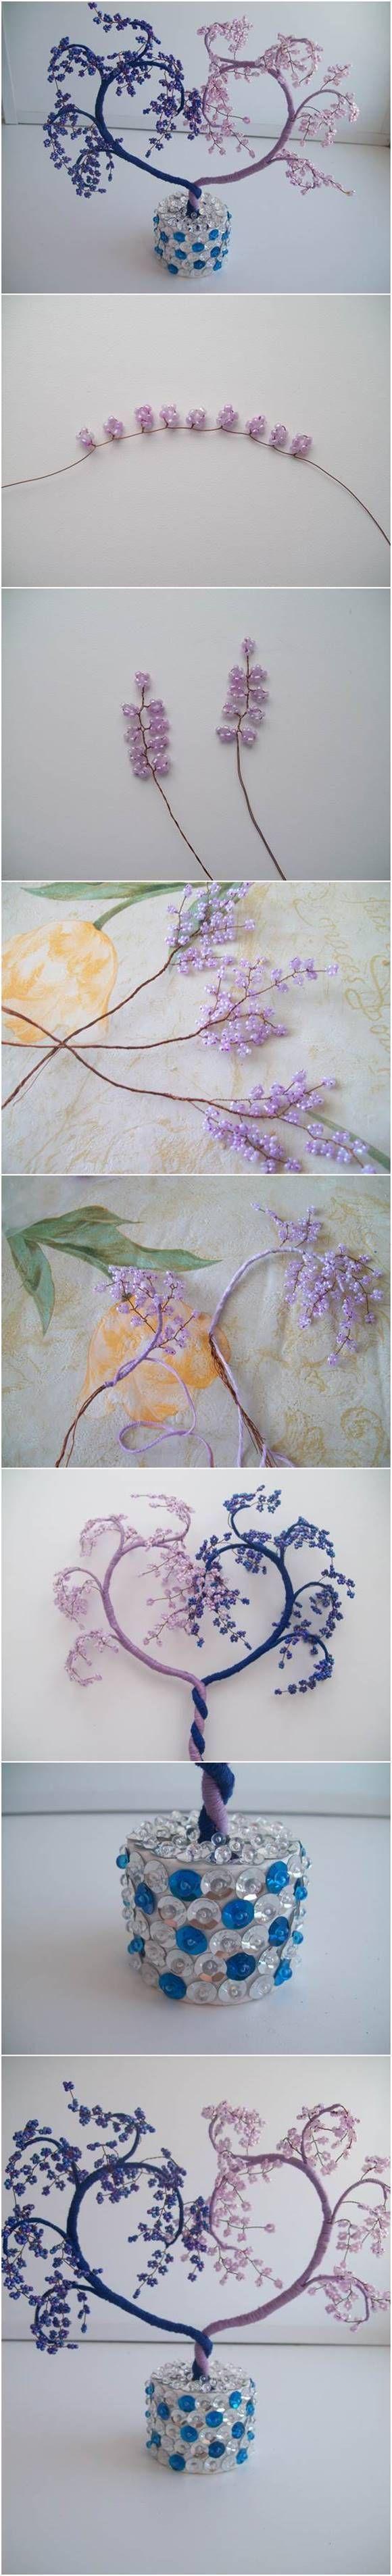 How to #DIY Heart Shaped Beaded Decorative Tree #craft #beading #decor #cbloggers